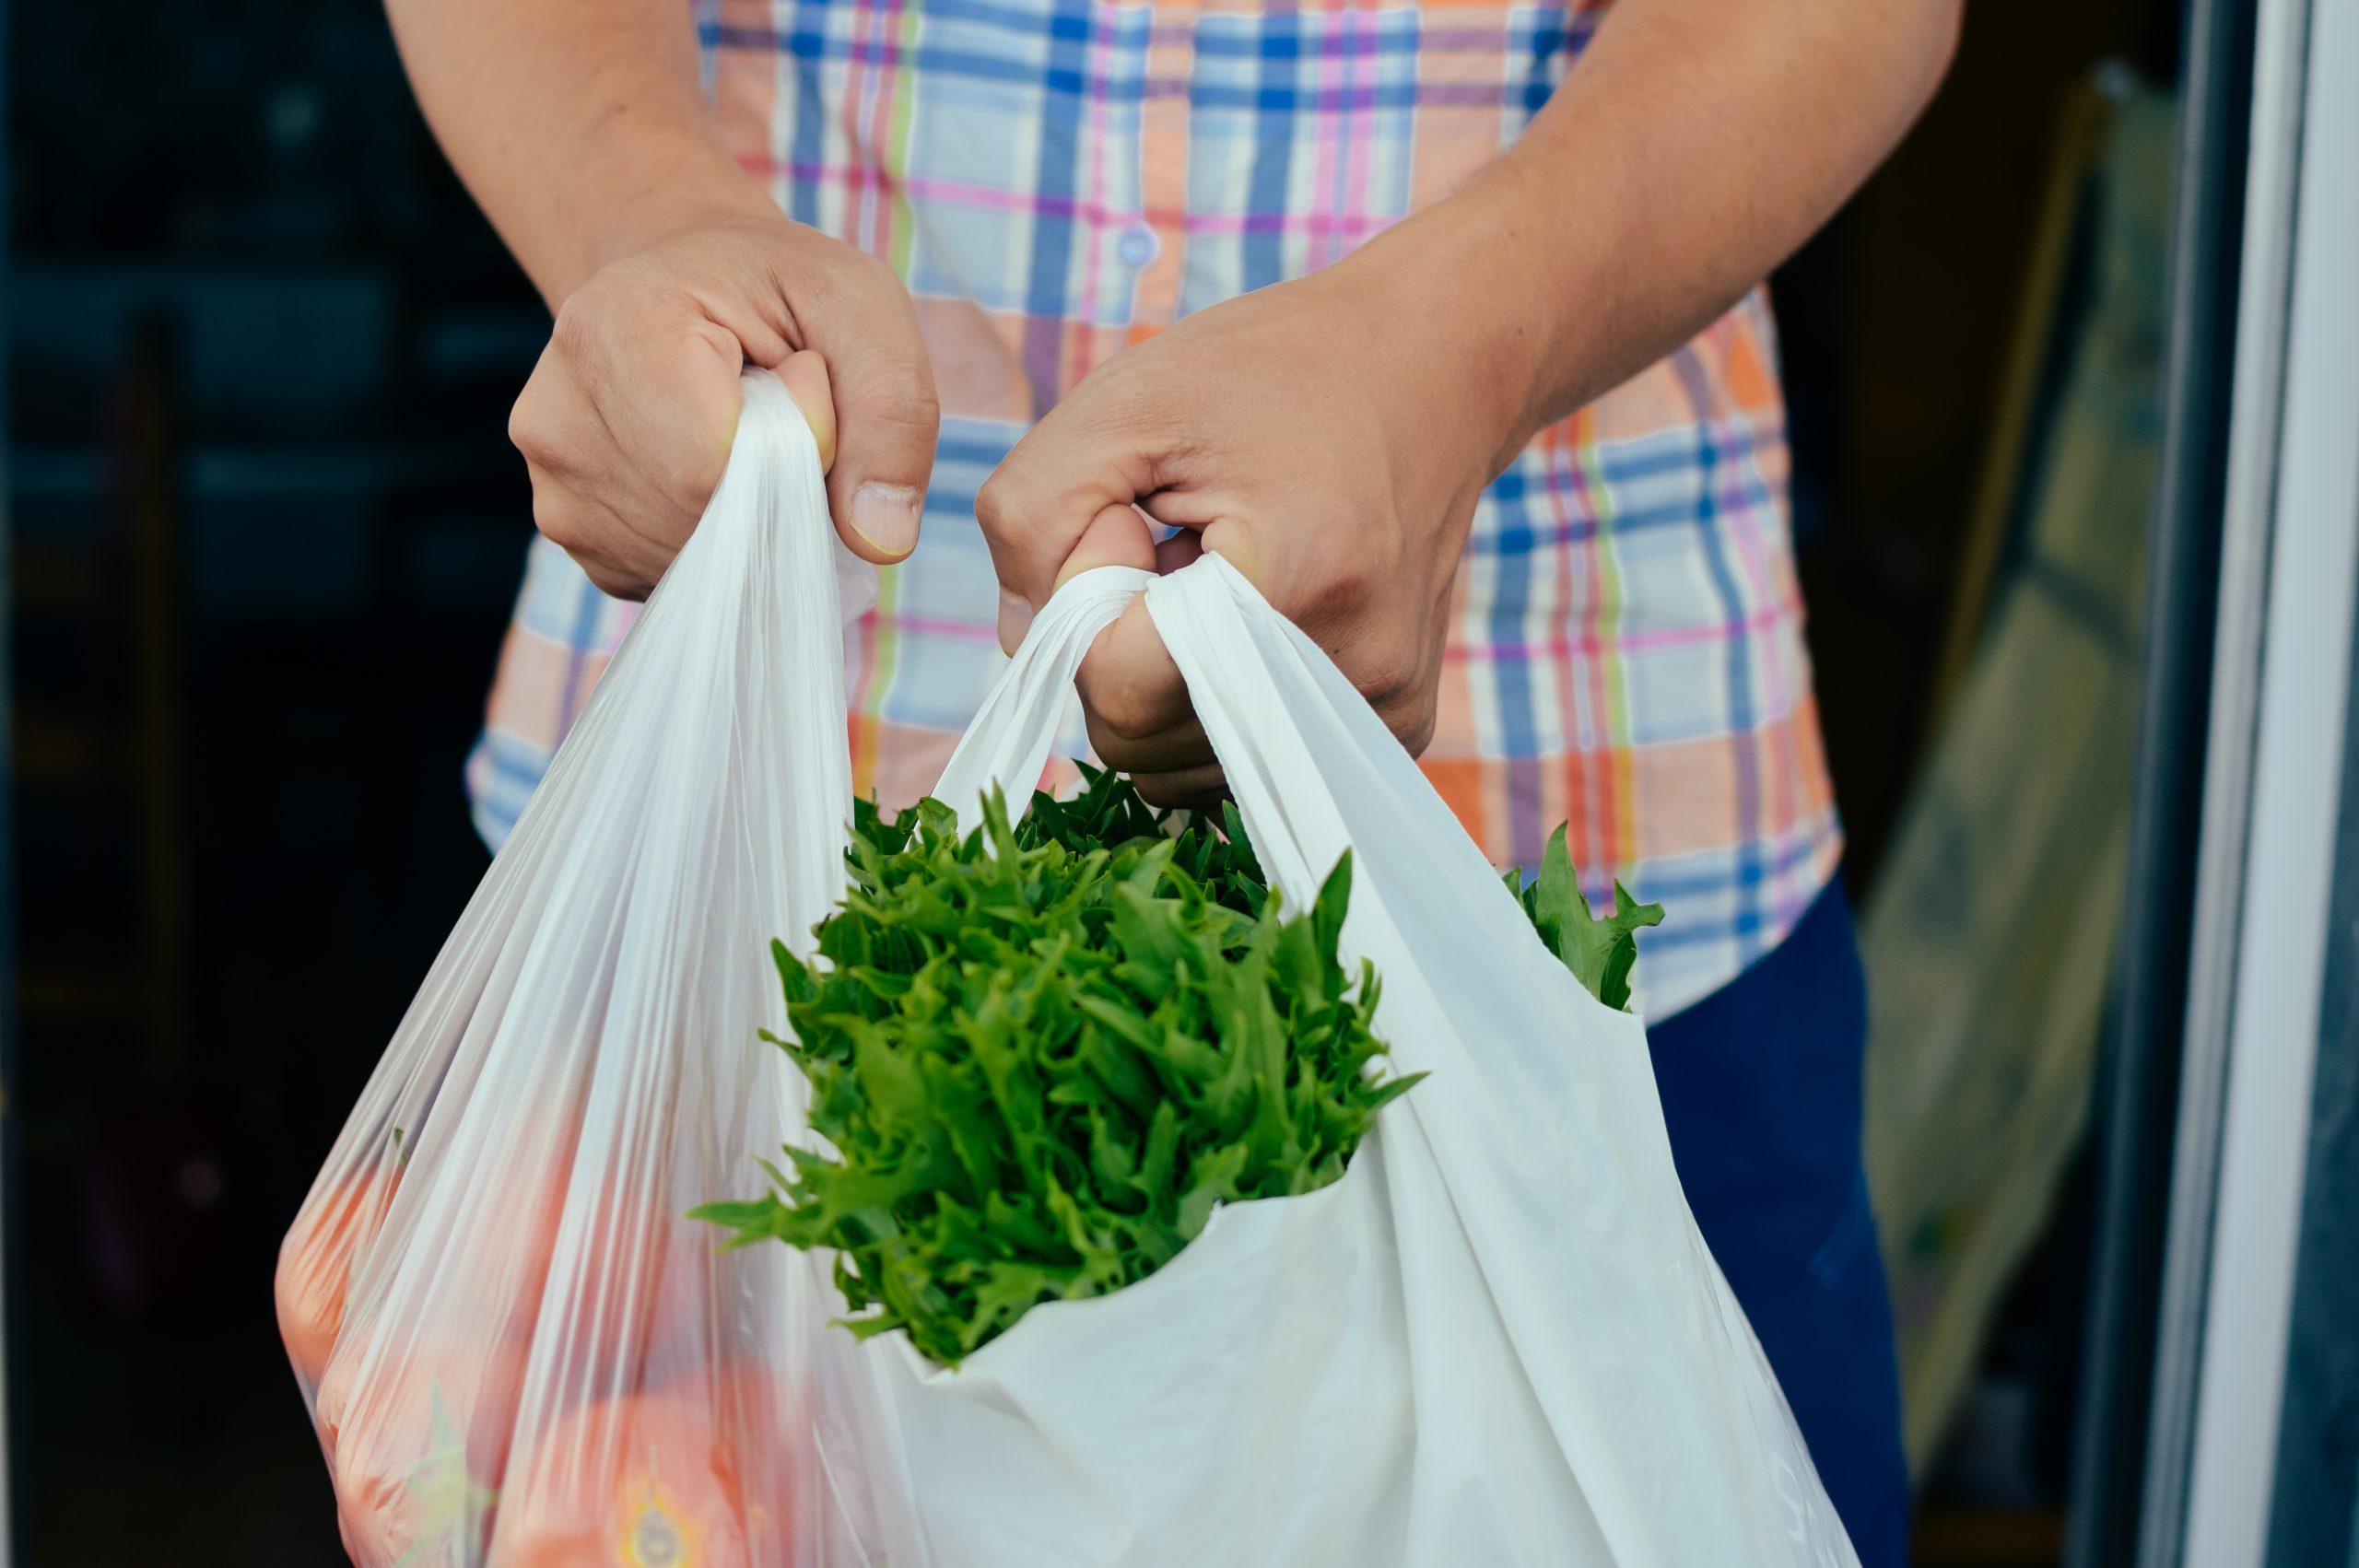 Opłaty recyklingowej nie można naliczać dwukrotnie